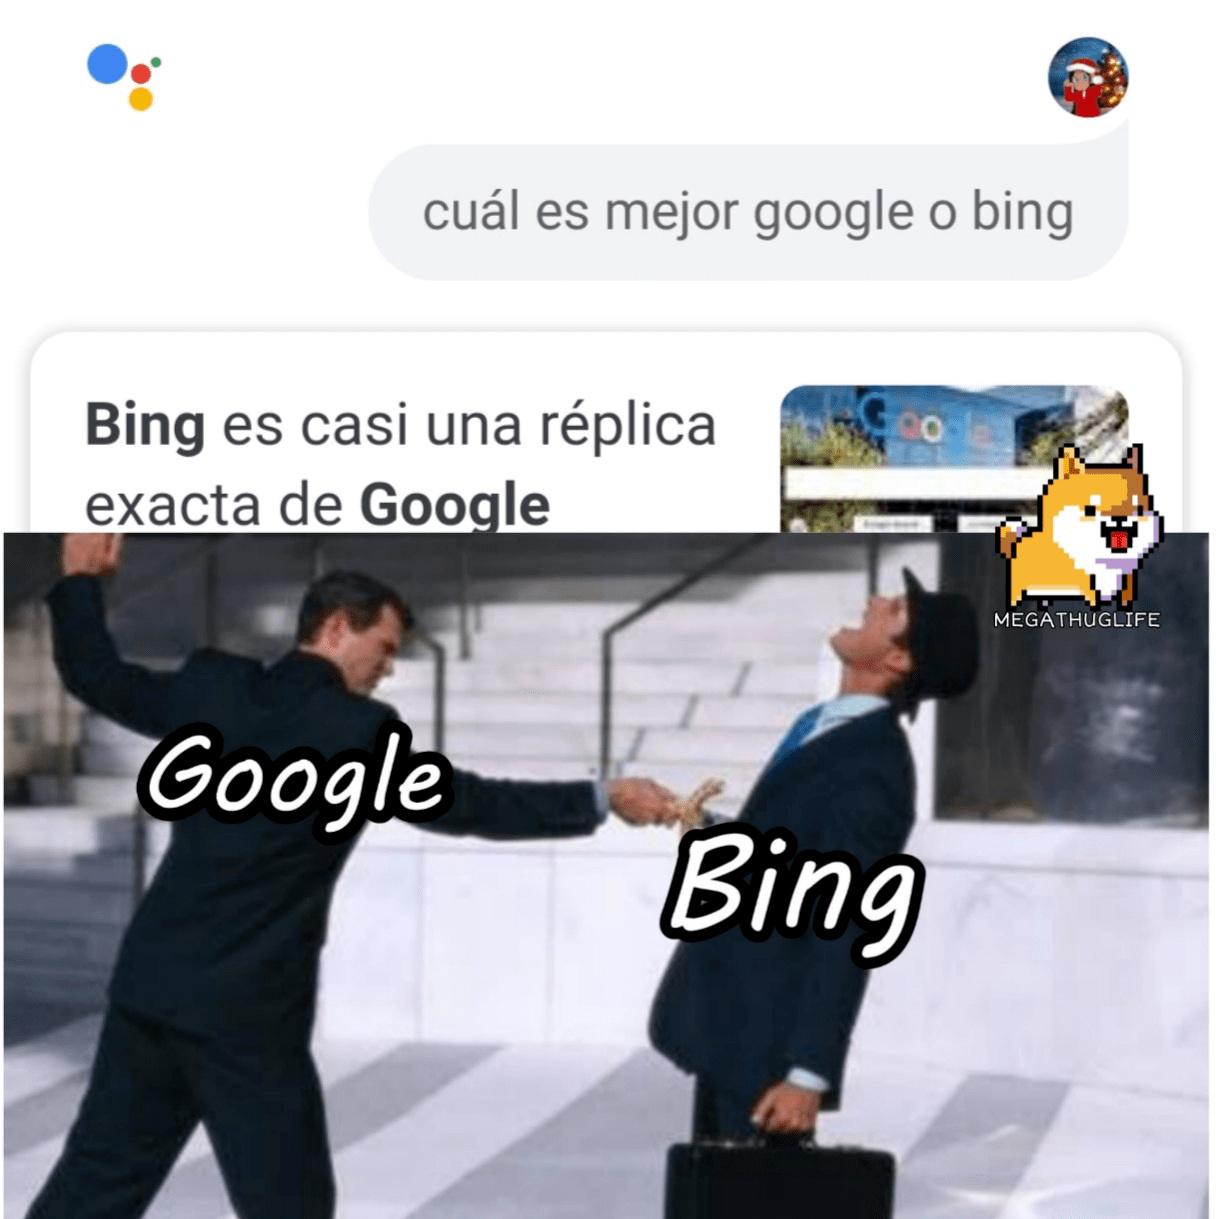 Pobre bing. - meme